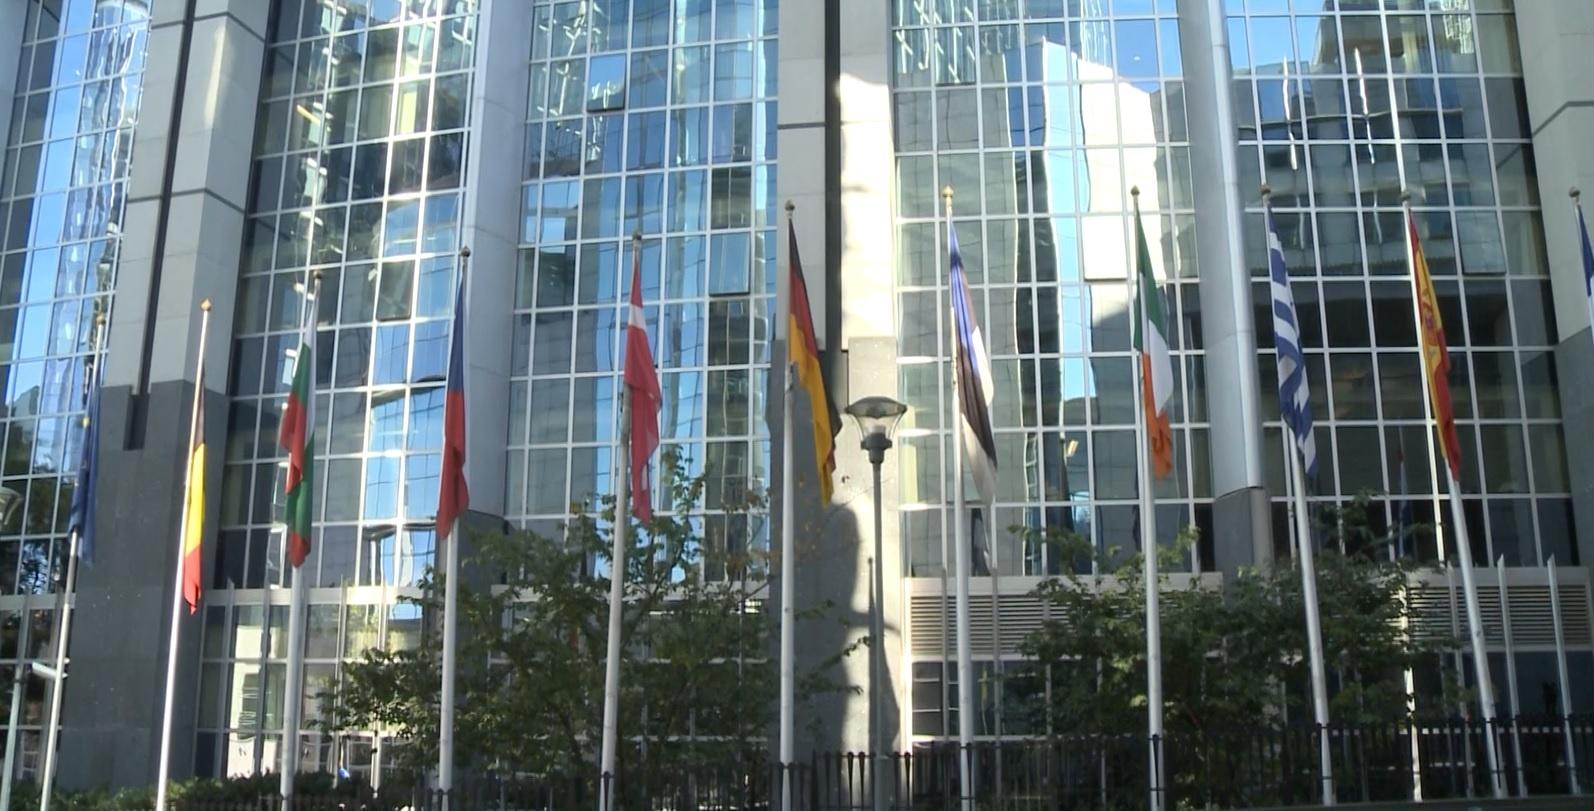 Europosłowie interweniują w sprawie upolityczniania rozwoju 5G. Ostrzegają przed poważnymi międzynarodowymi reperkusjami